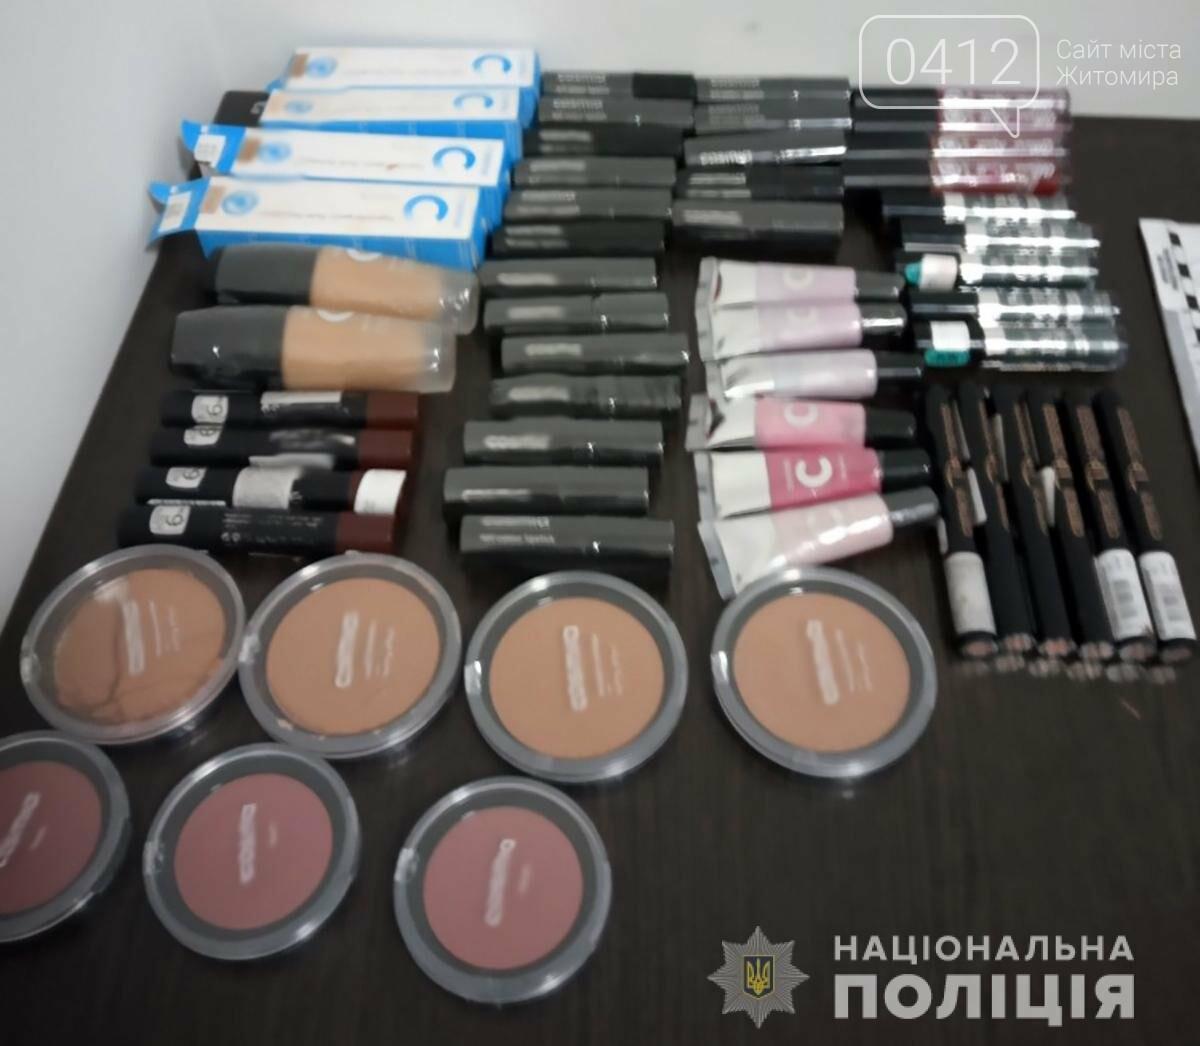 У Житомирському супермаркеті жінка вкрала косметики на 7 тисяч гривень, фото-1